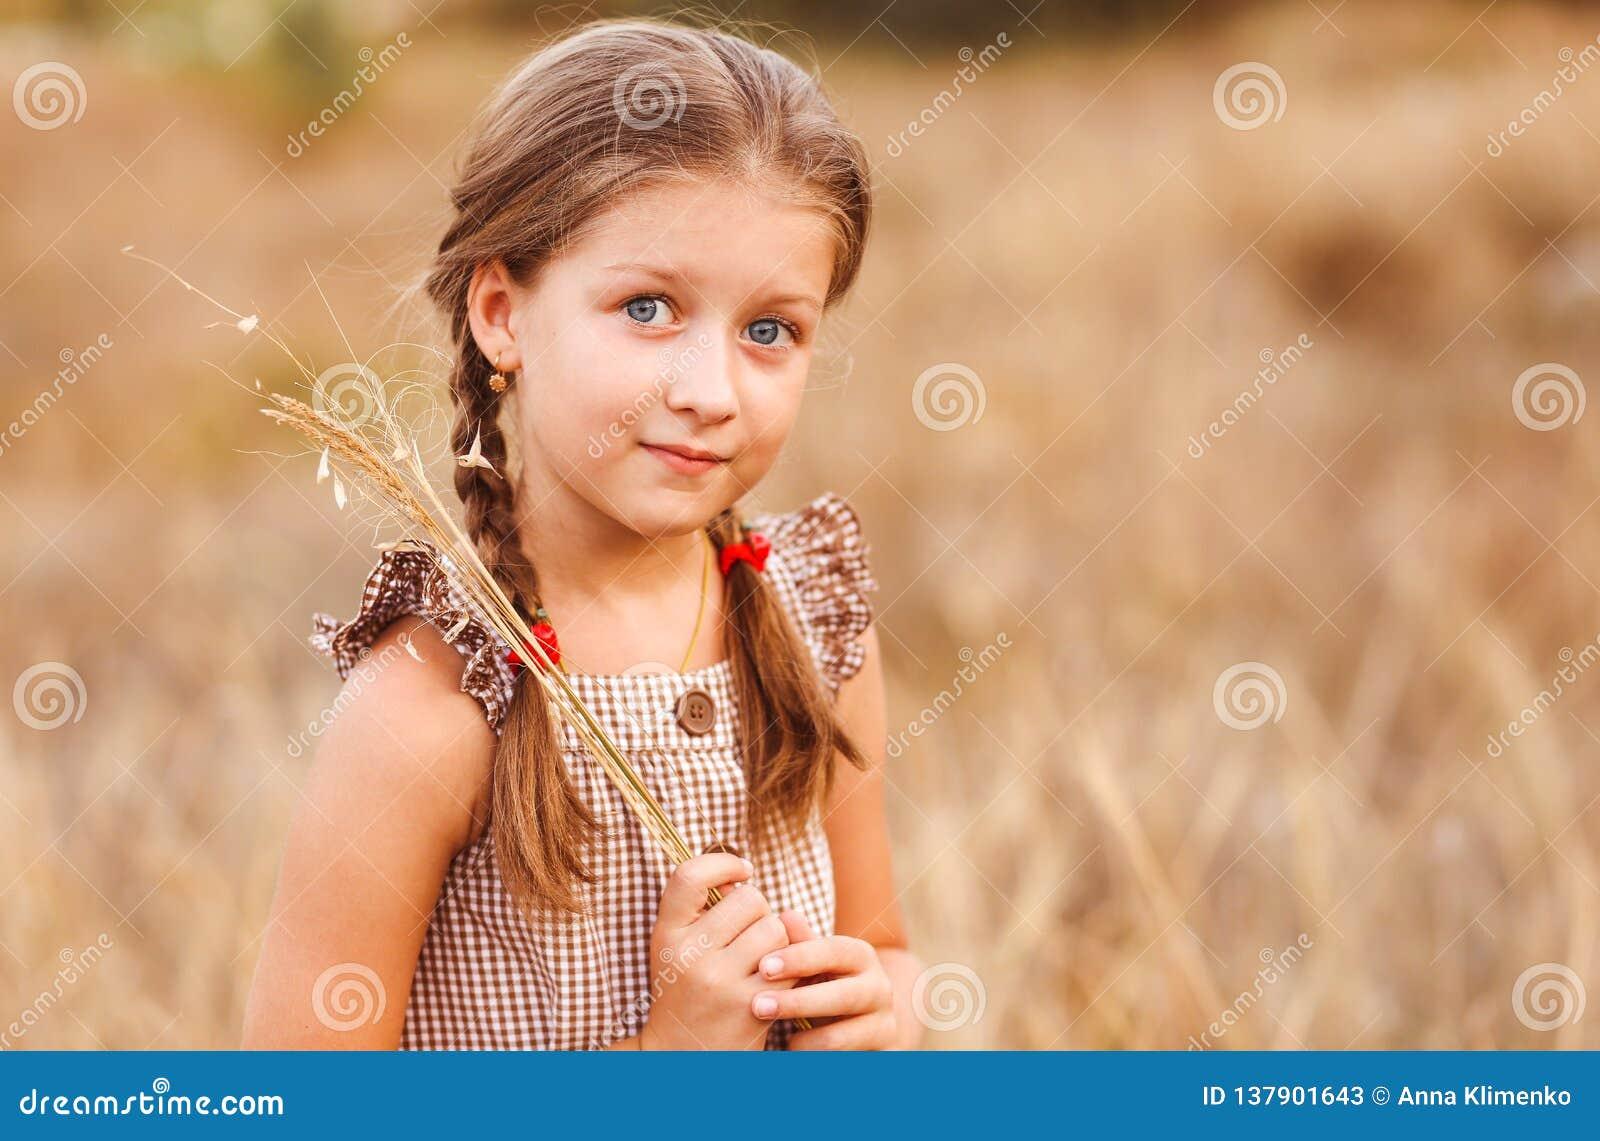 Маленькая девочка с большими глазами на пшеничном поле держа букет трав